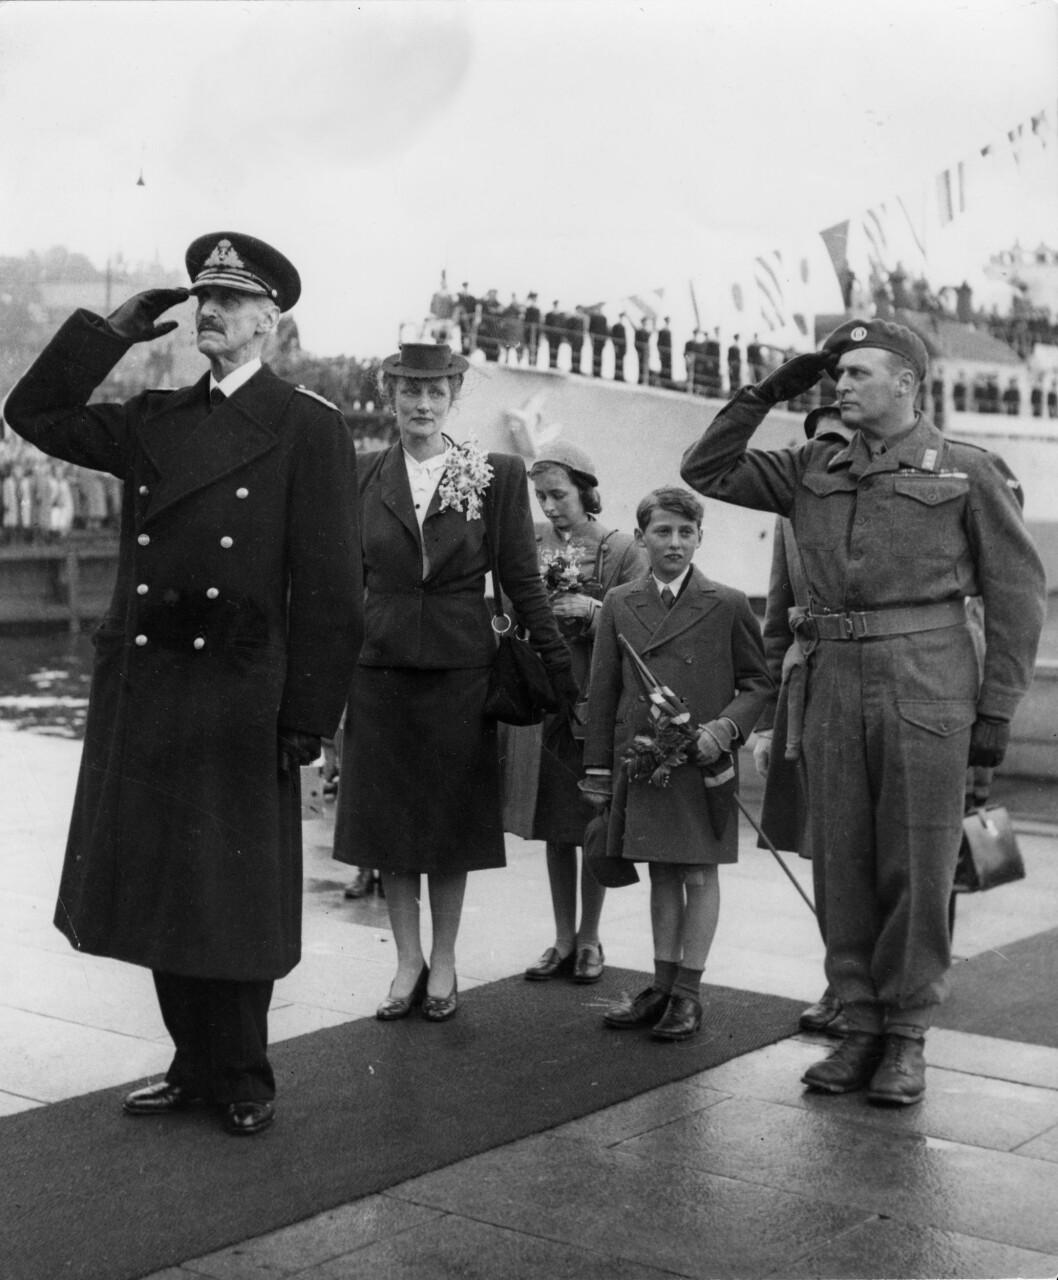 <strong>GJENFORENT:</strong> En jublende folkemasse ønsket kongefamilien velkommen tilbake til Norge idet de gikk i land på Honnørbryggen på Rådhusplassen i Oslo 7. juni 1945.   Foto: NTB Scanpix